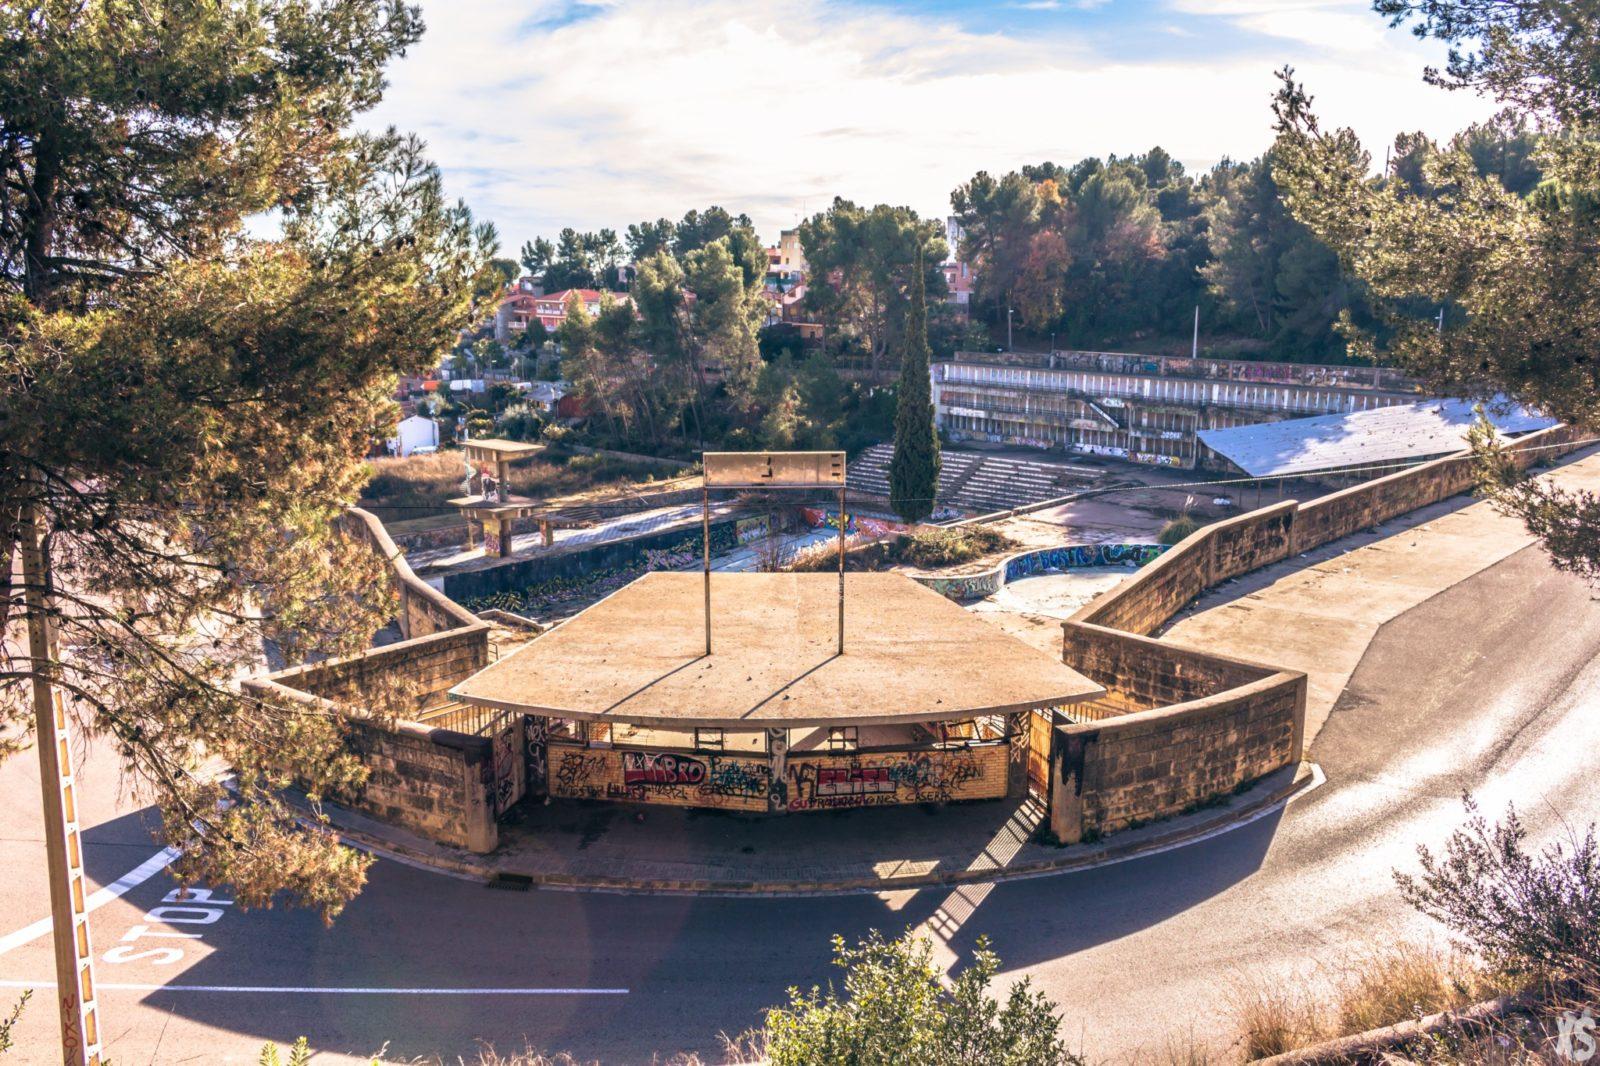 Piscine olympique de la Vega 5urbex radar exlporation piscine abandon fantome - Piscines olympiques et parcs aquatiques : les plus beaux spots abandonnés